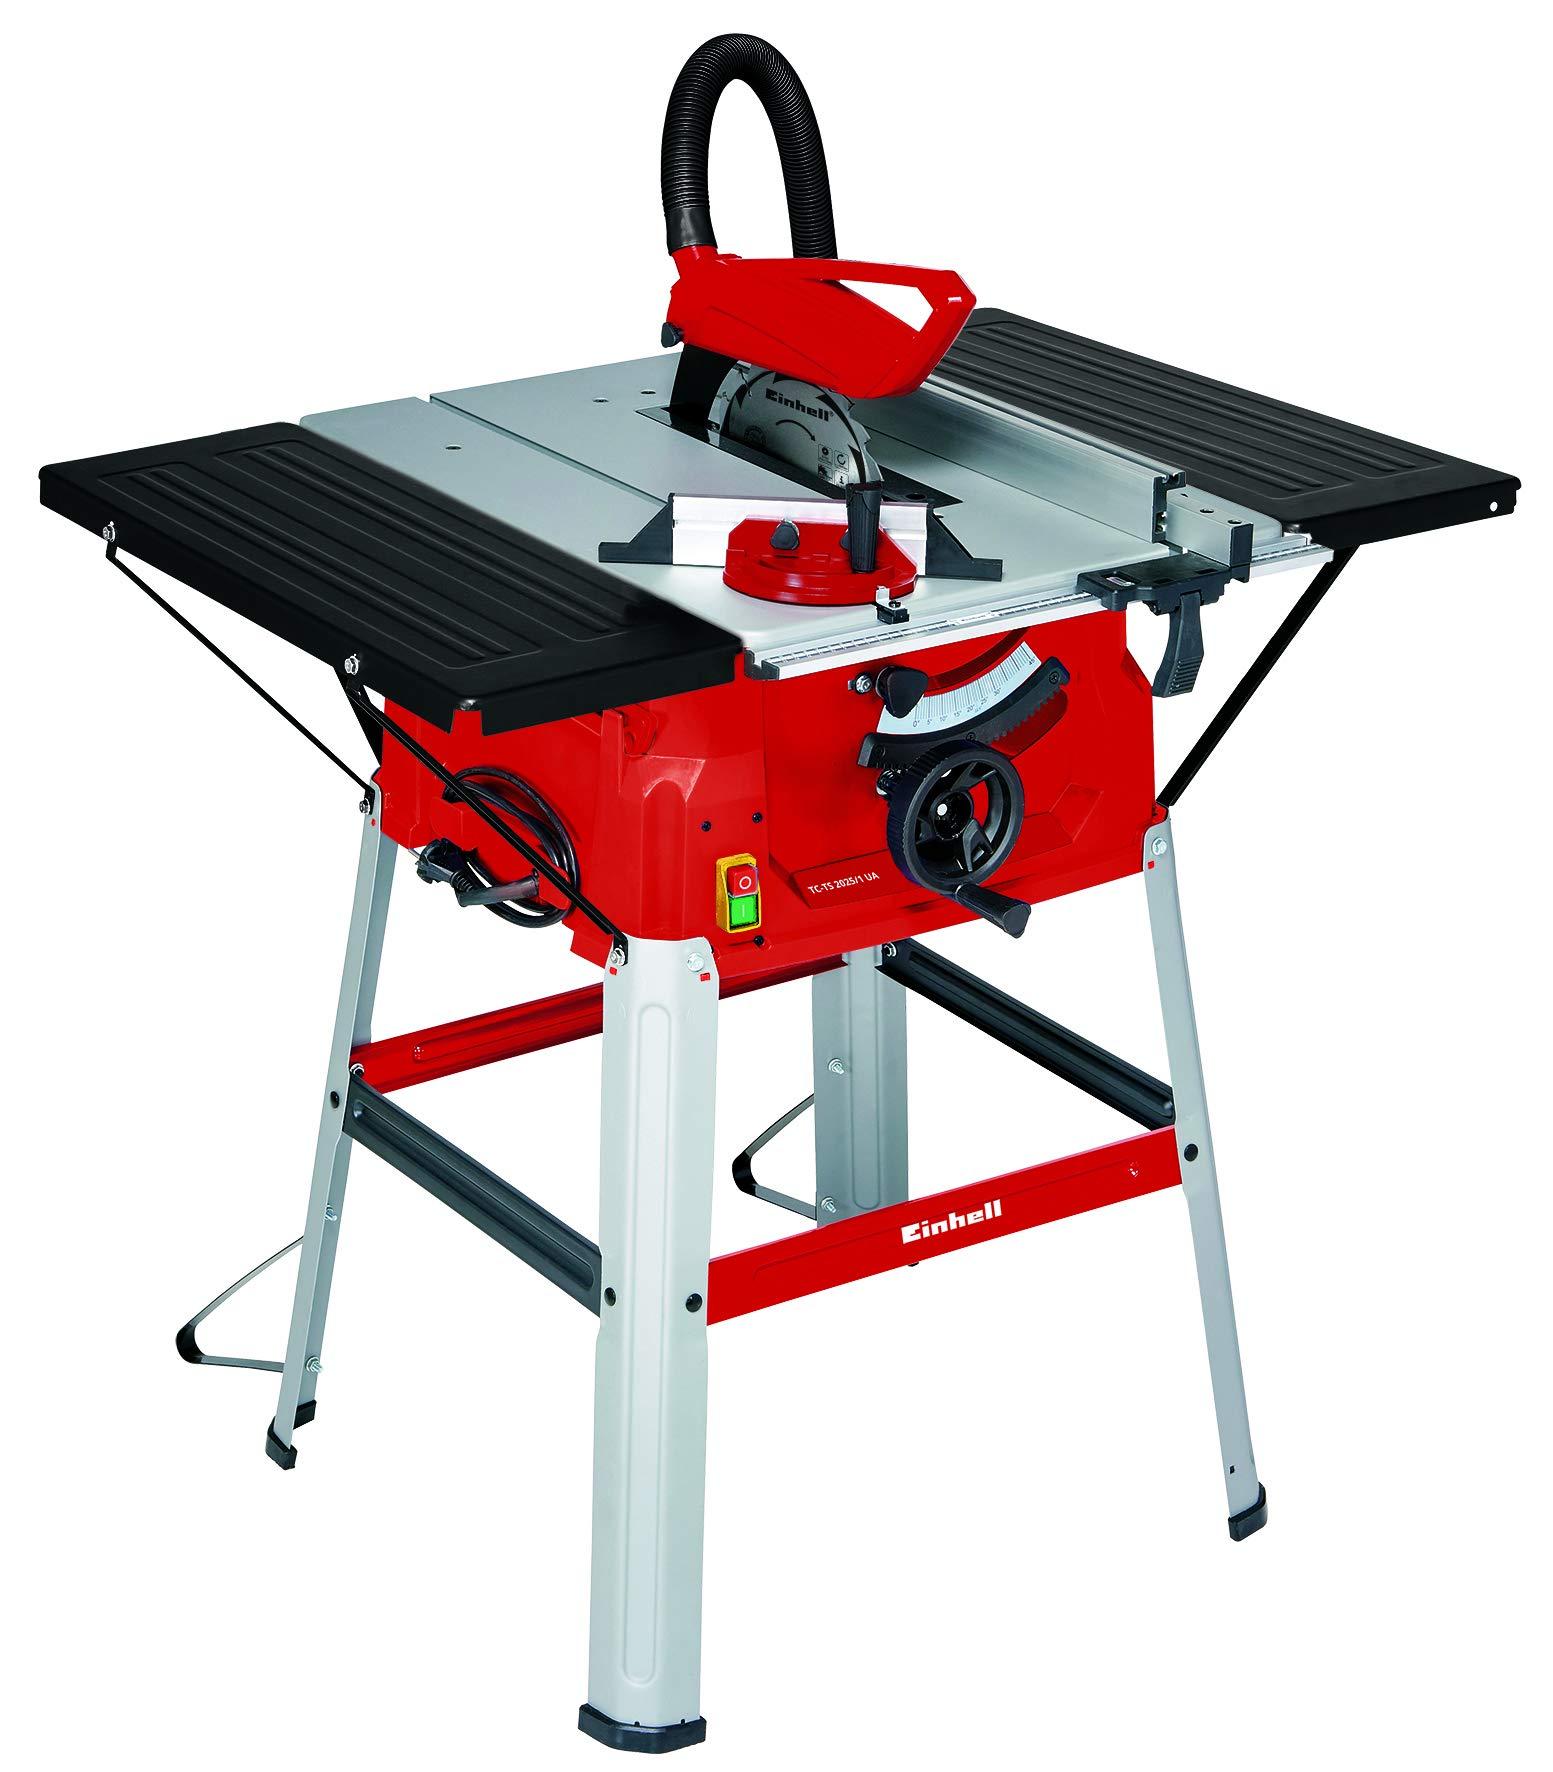 Einhell Tischkreissäge TC-TS 2025/1 U (2000 W, Sägeblatt Ø 250 x Ø 30 mm, max. Schnitthöhe 85 mm, Tischgröße 640×487 mm)